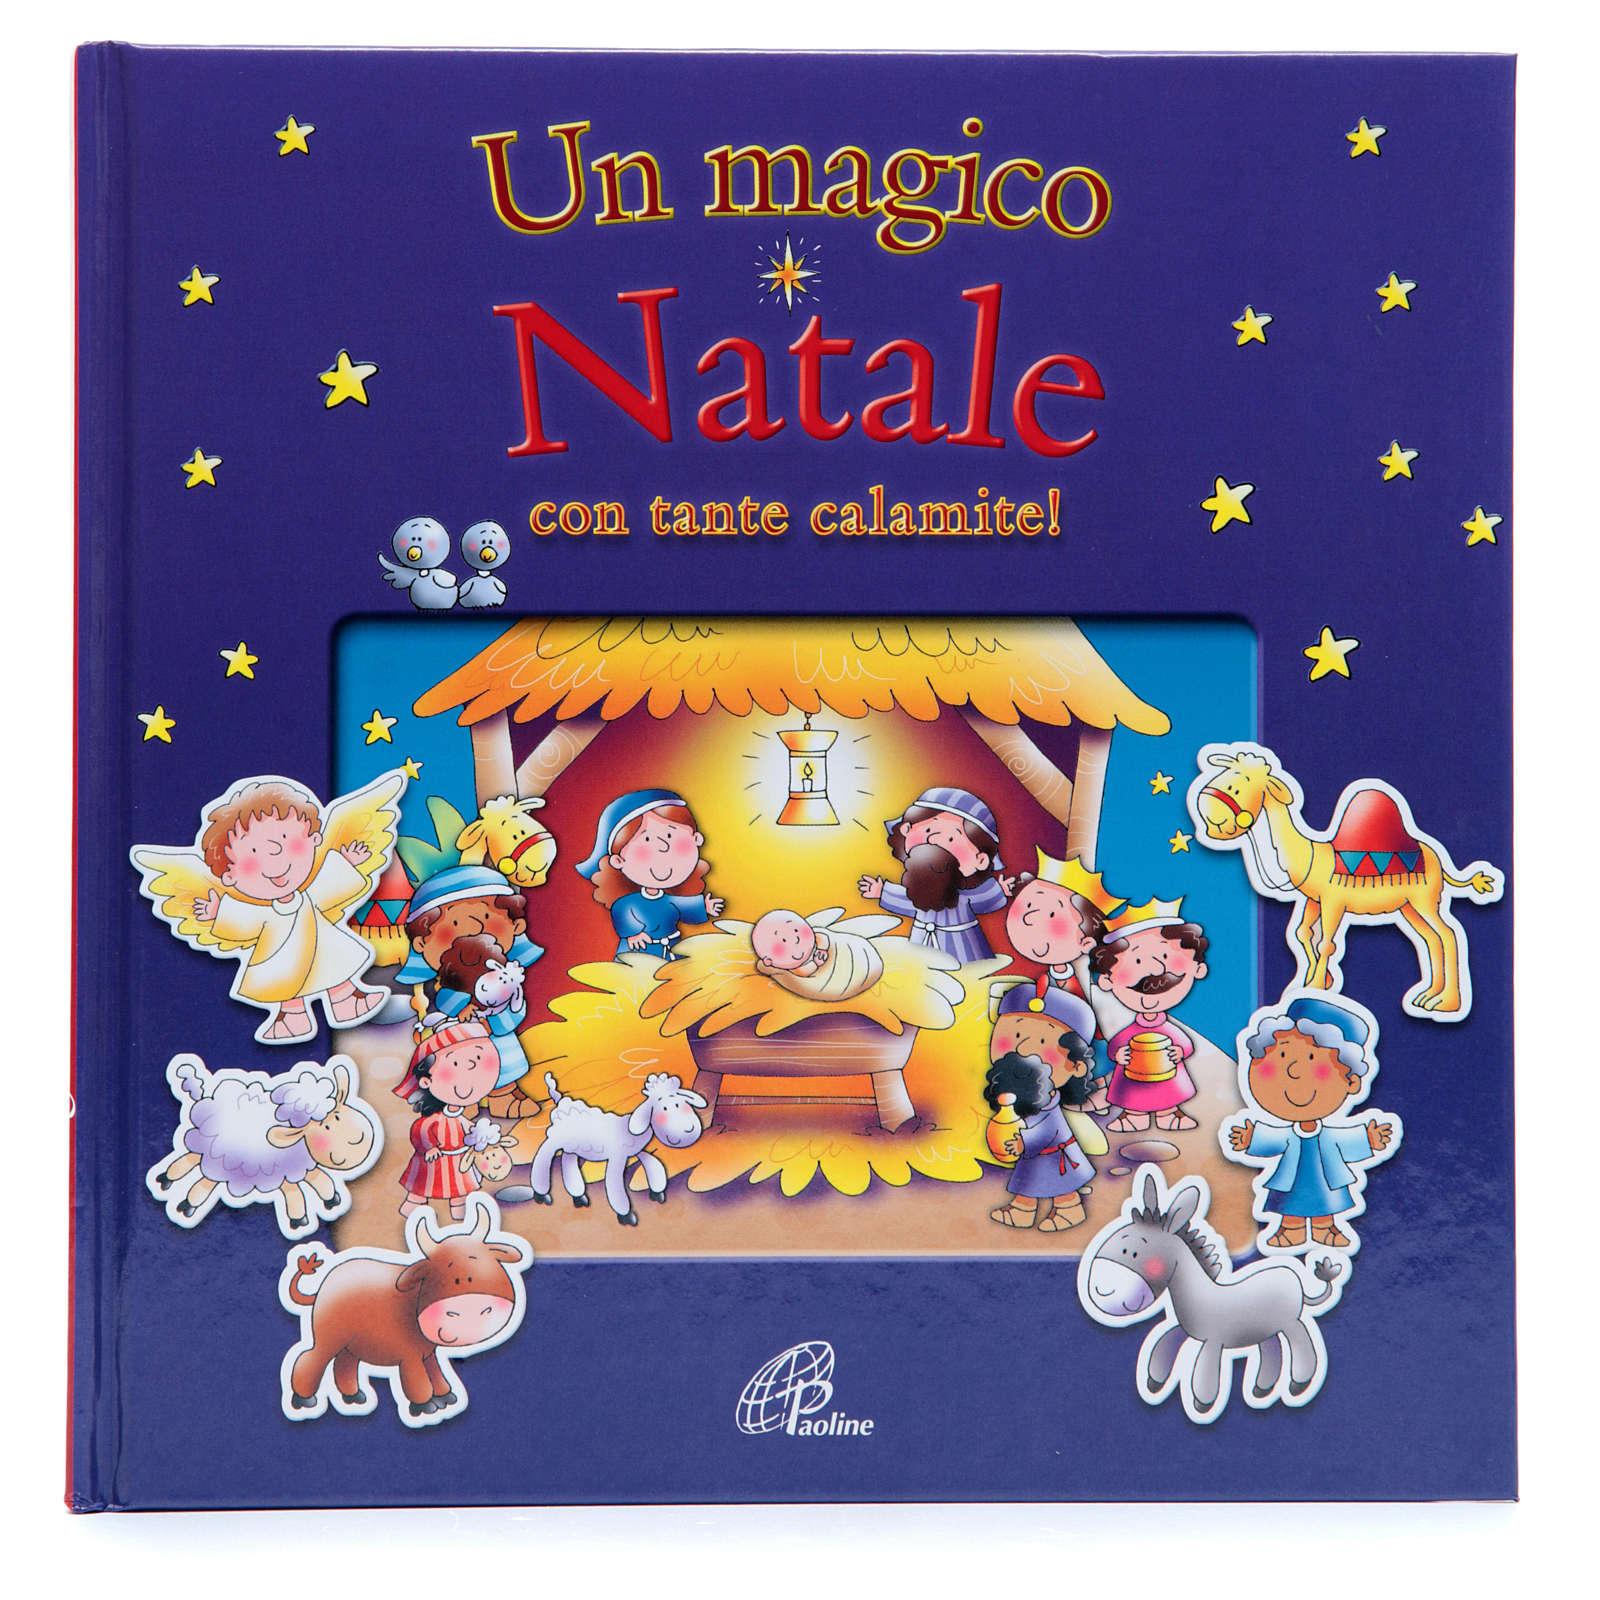 Un magico Natale con tante calamite - Nuova edizione 4